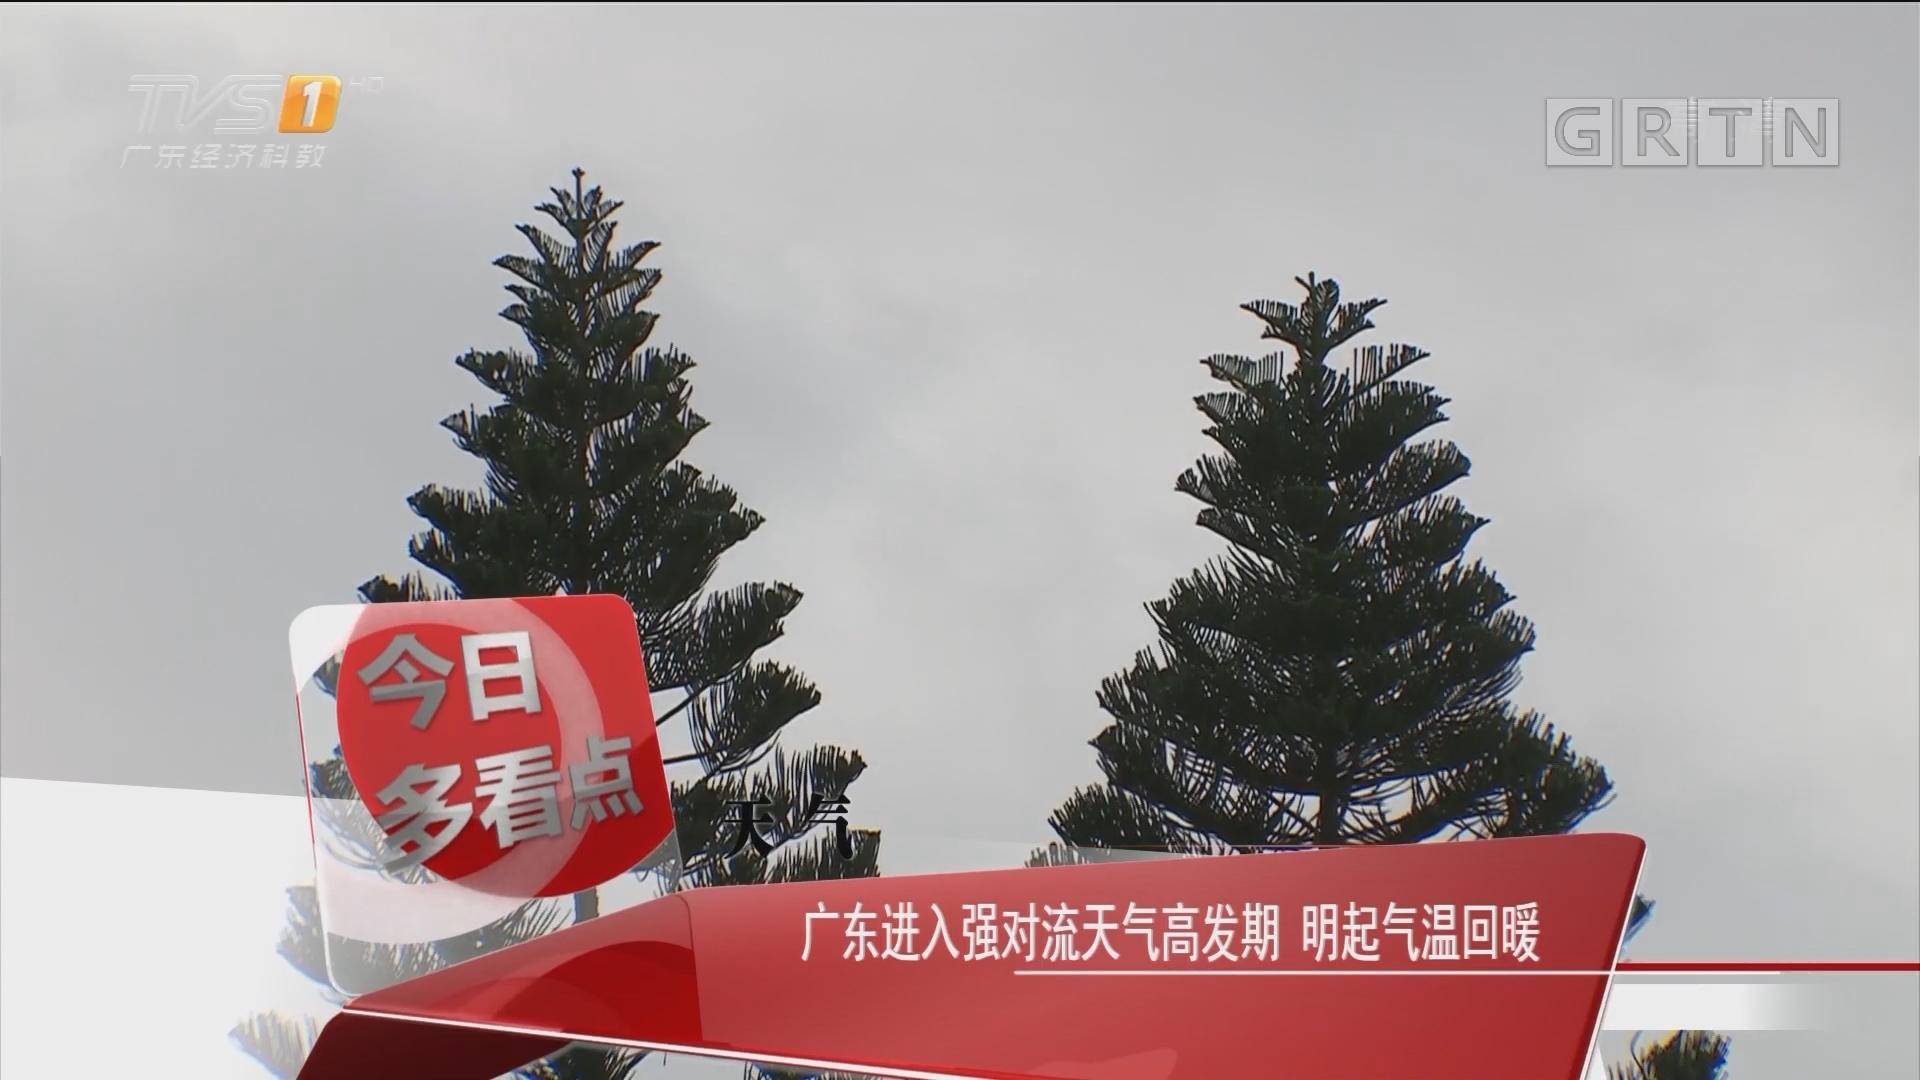 广东进入强对流天气高发期 明起气温回暖